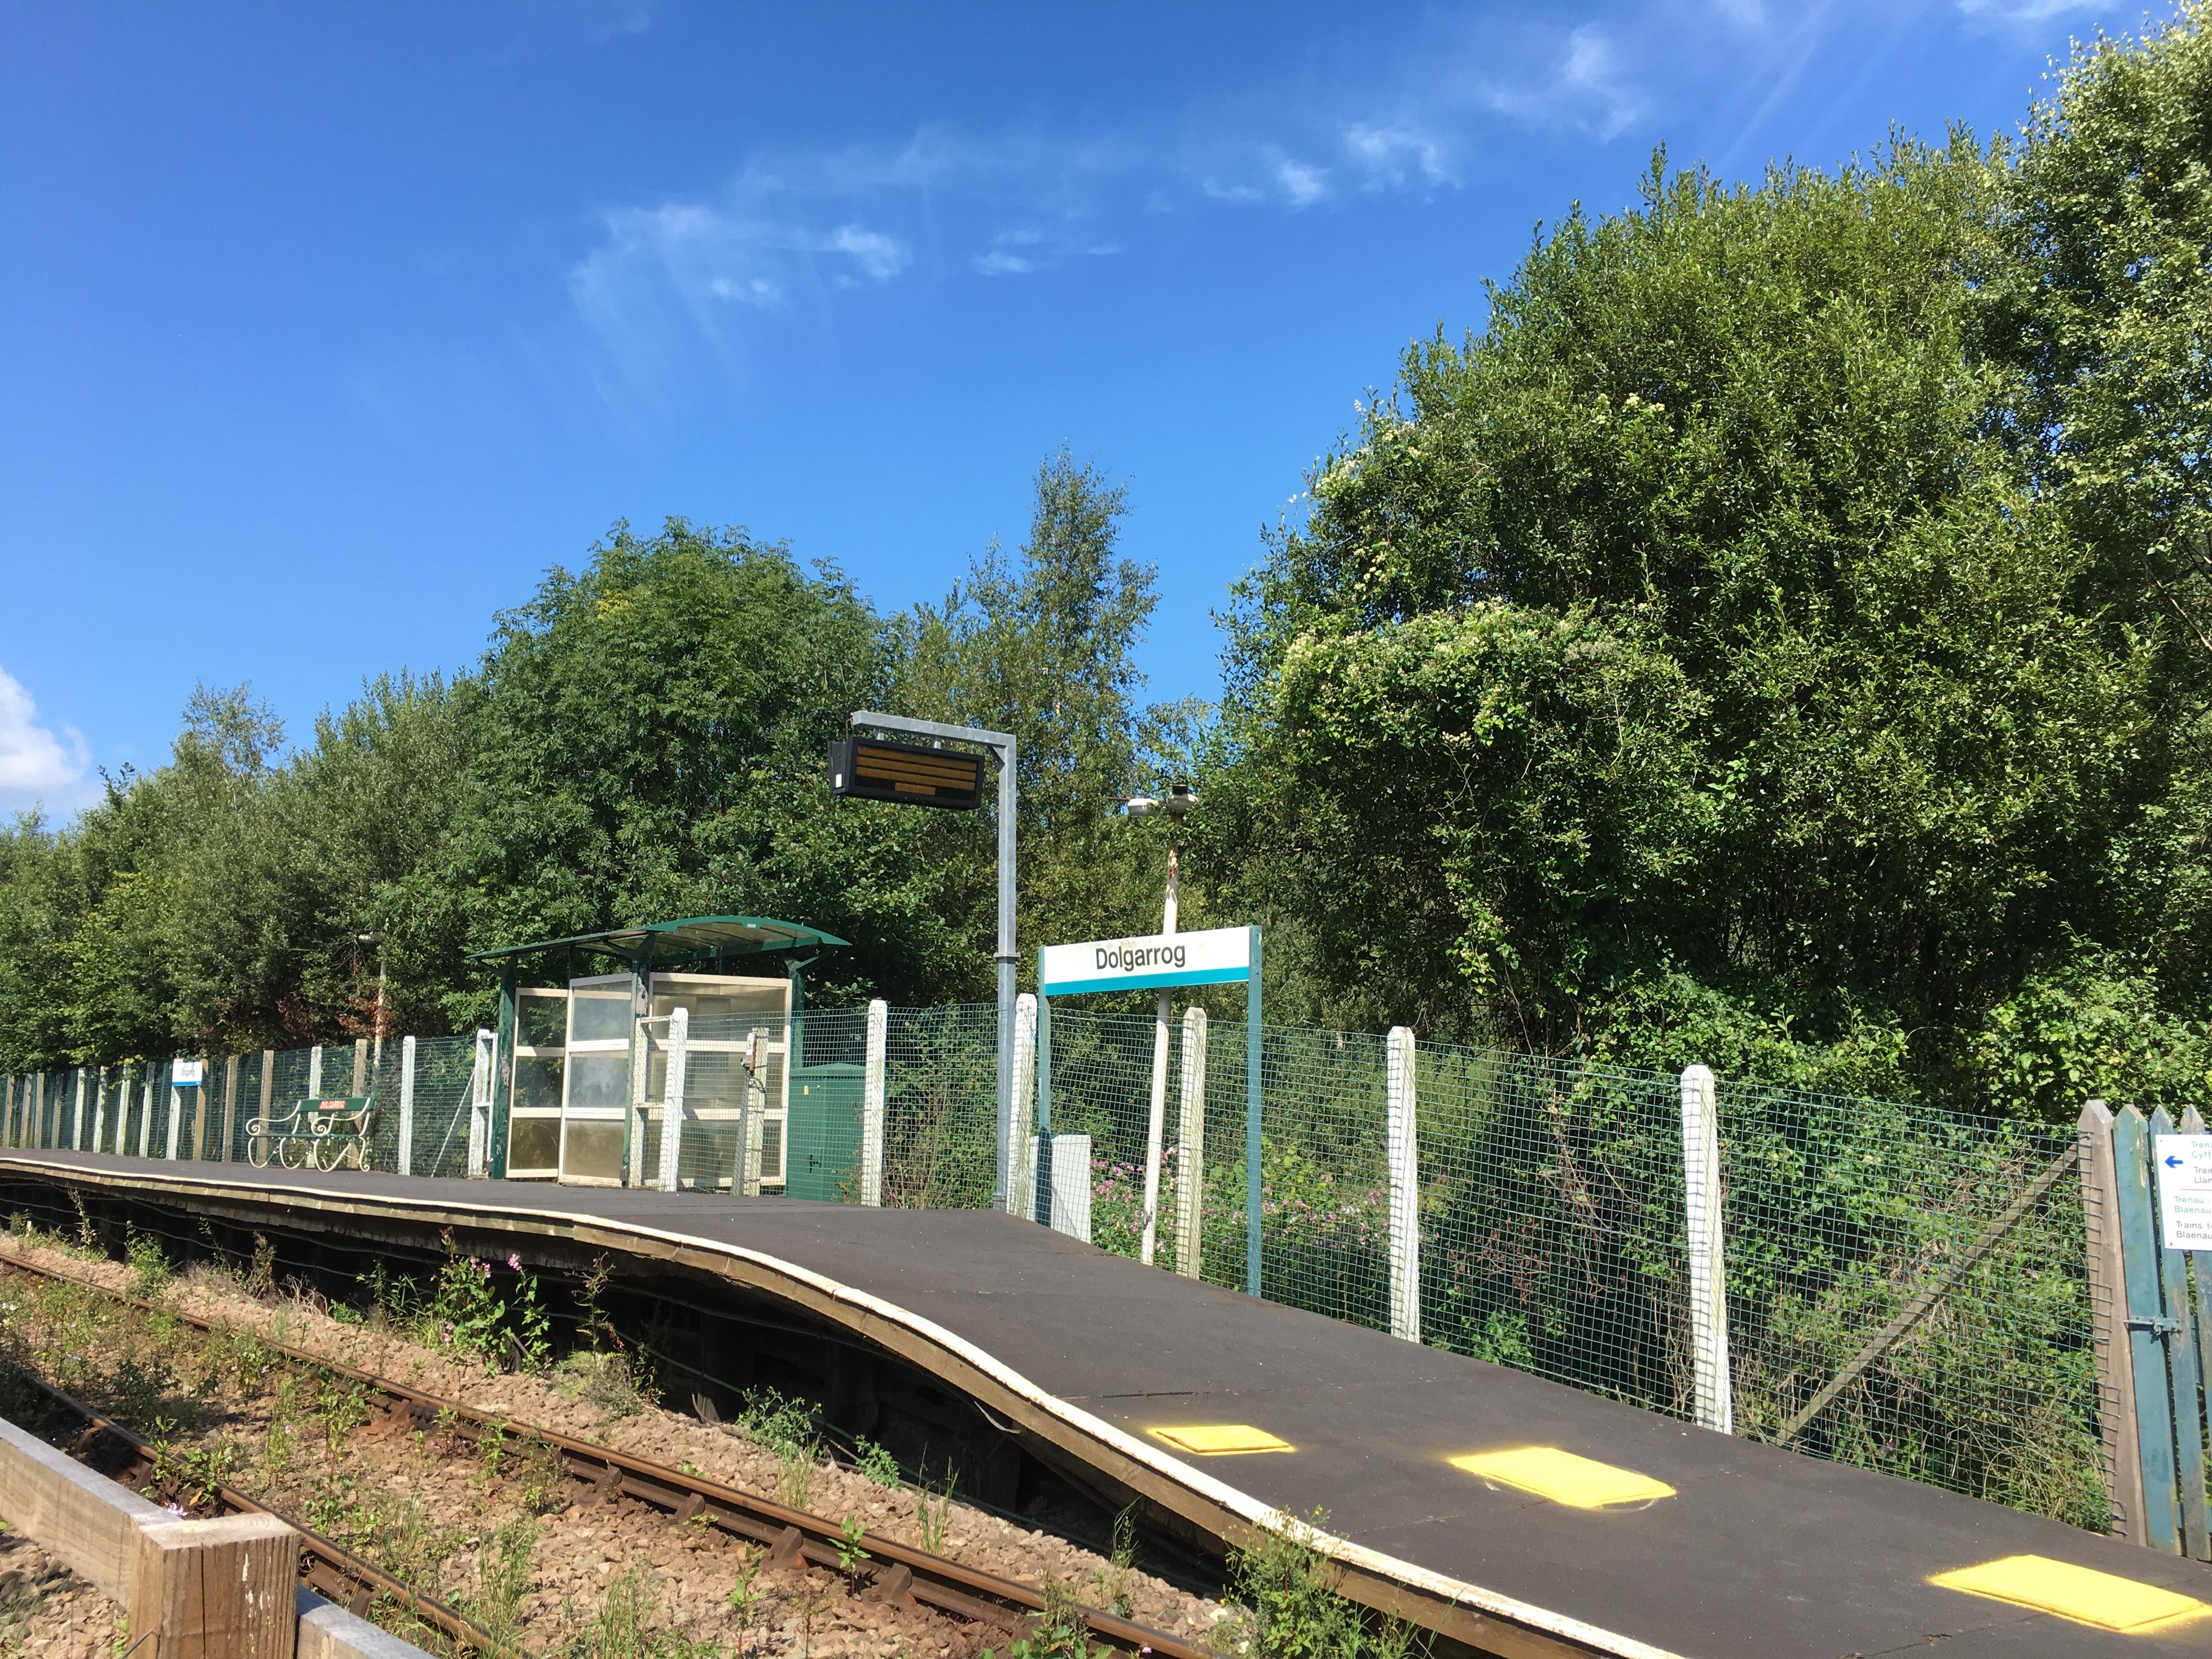 Dolgarrog Station, Conwy Valley Railway